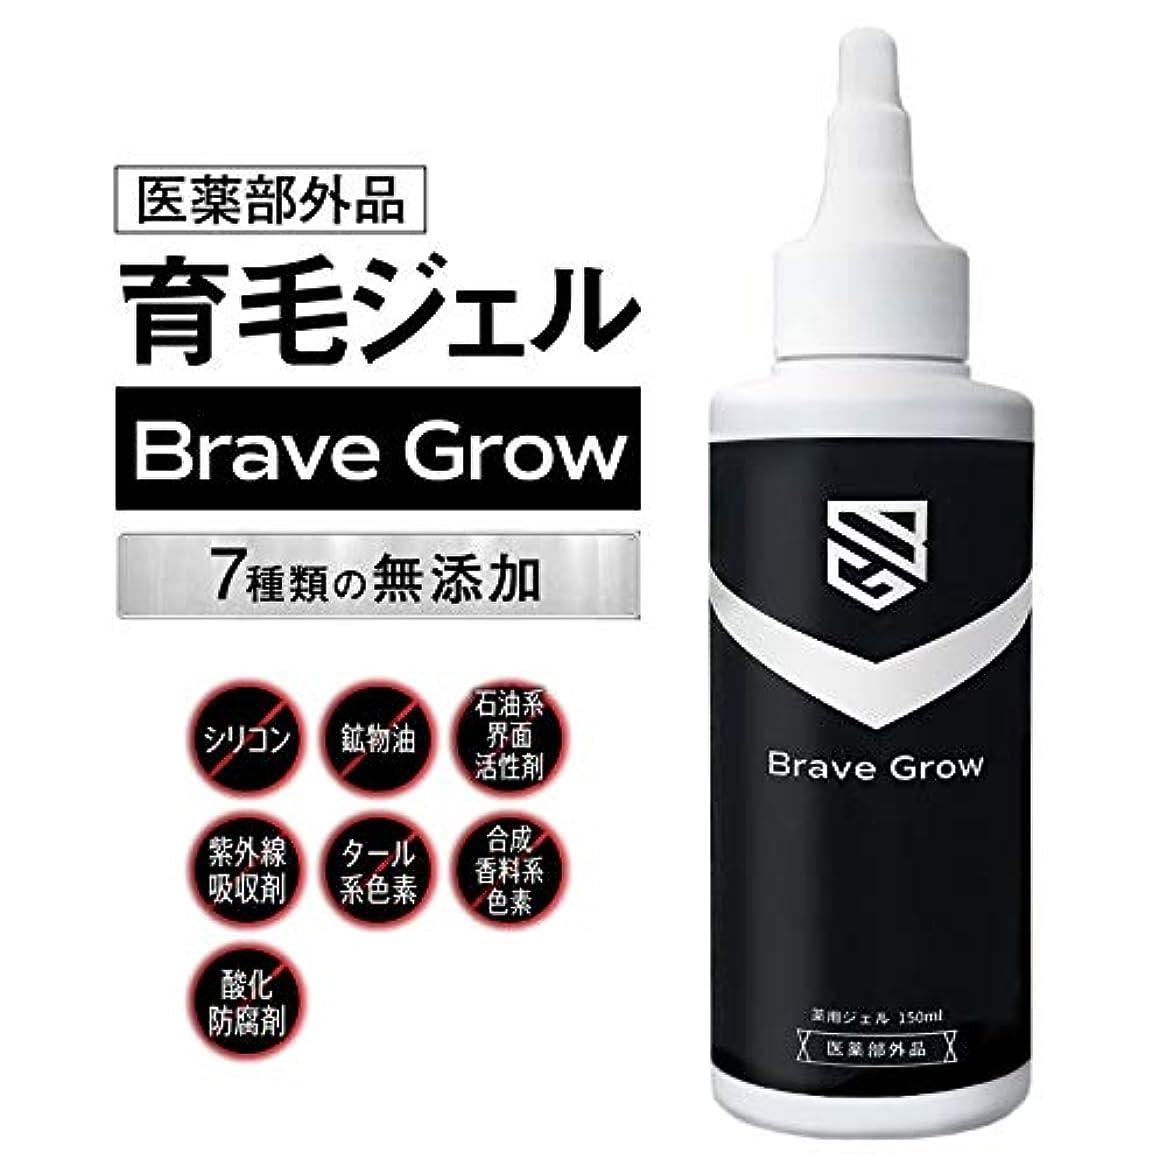 おじさん誘惑名前育毛剤 BraveGrow ブレイブグロー 150ml 【医薬部外品】ジェルタイプ 男性